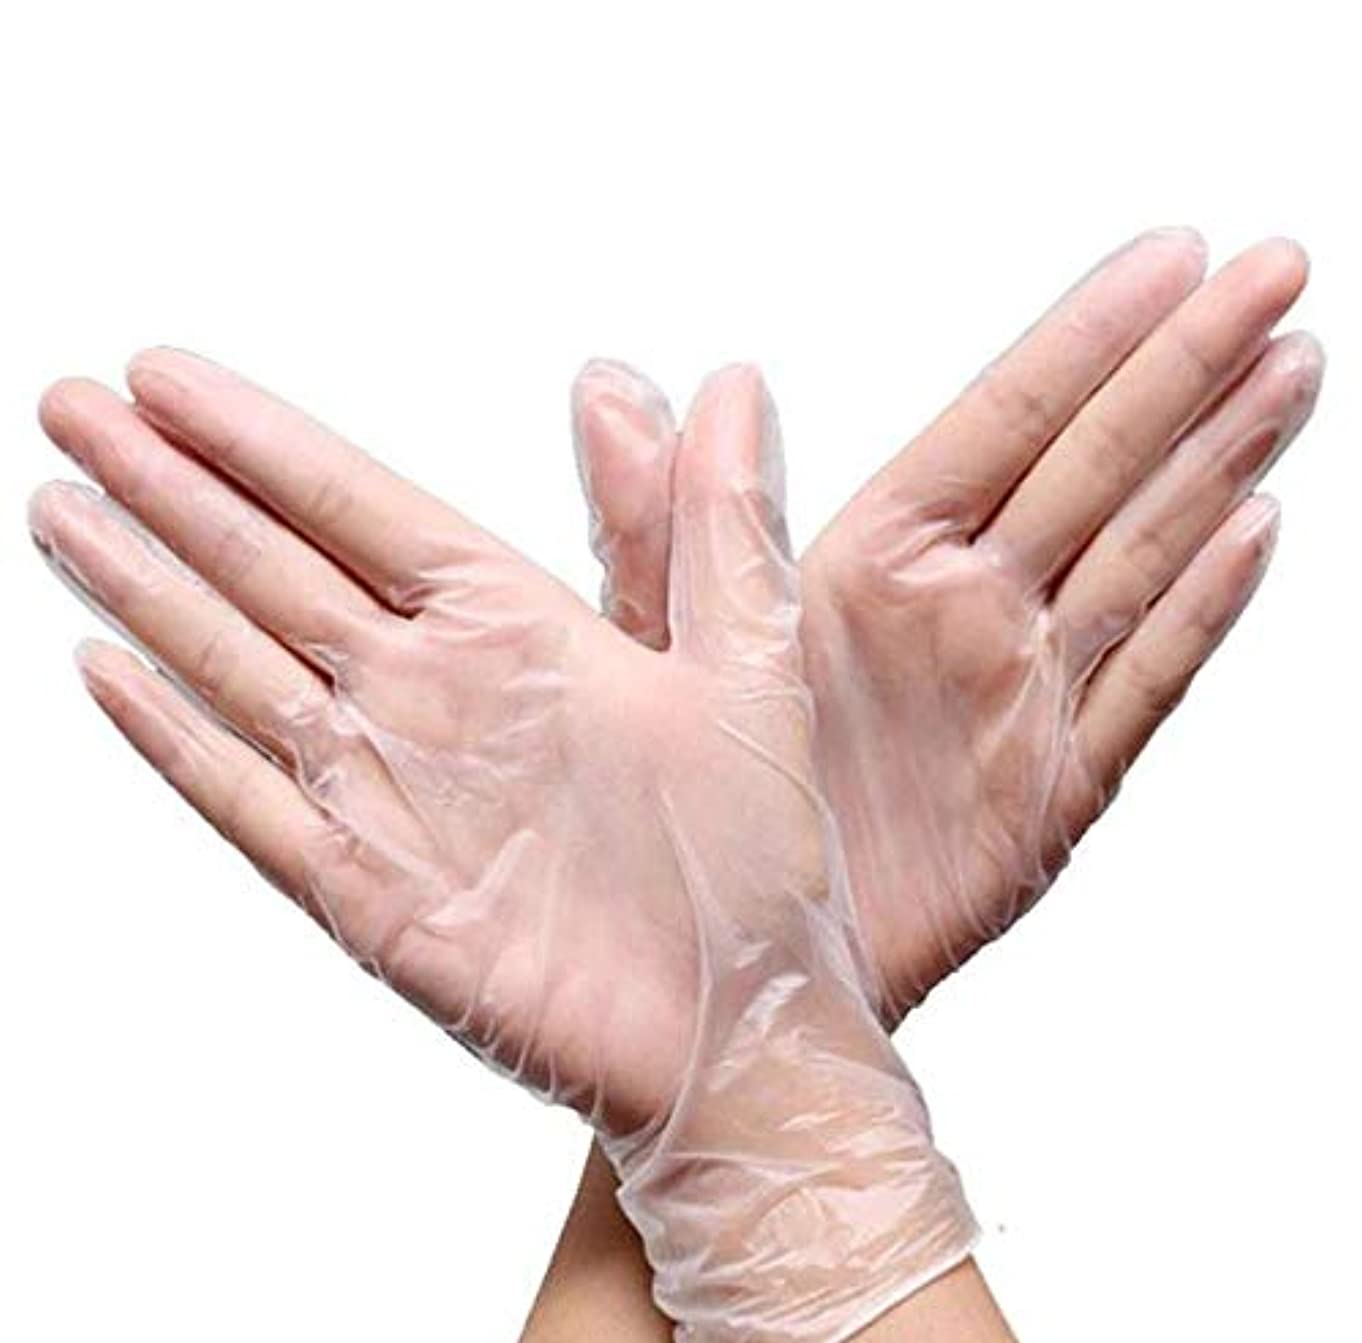 リーク薬局レシピSTK ニトリルゴム手袋 使い捨て手袋 透明 耐油 防水 左右兼用 粉なし 手荒れを防ぎ 素手 薄い 介護 トイレ掃除 園芸 美容 食器洗い (50ペアセット)